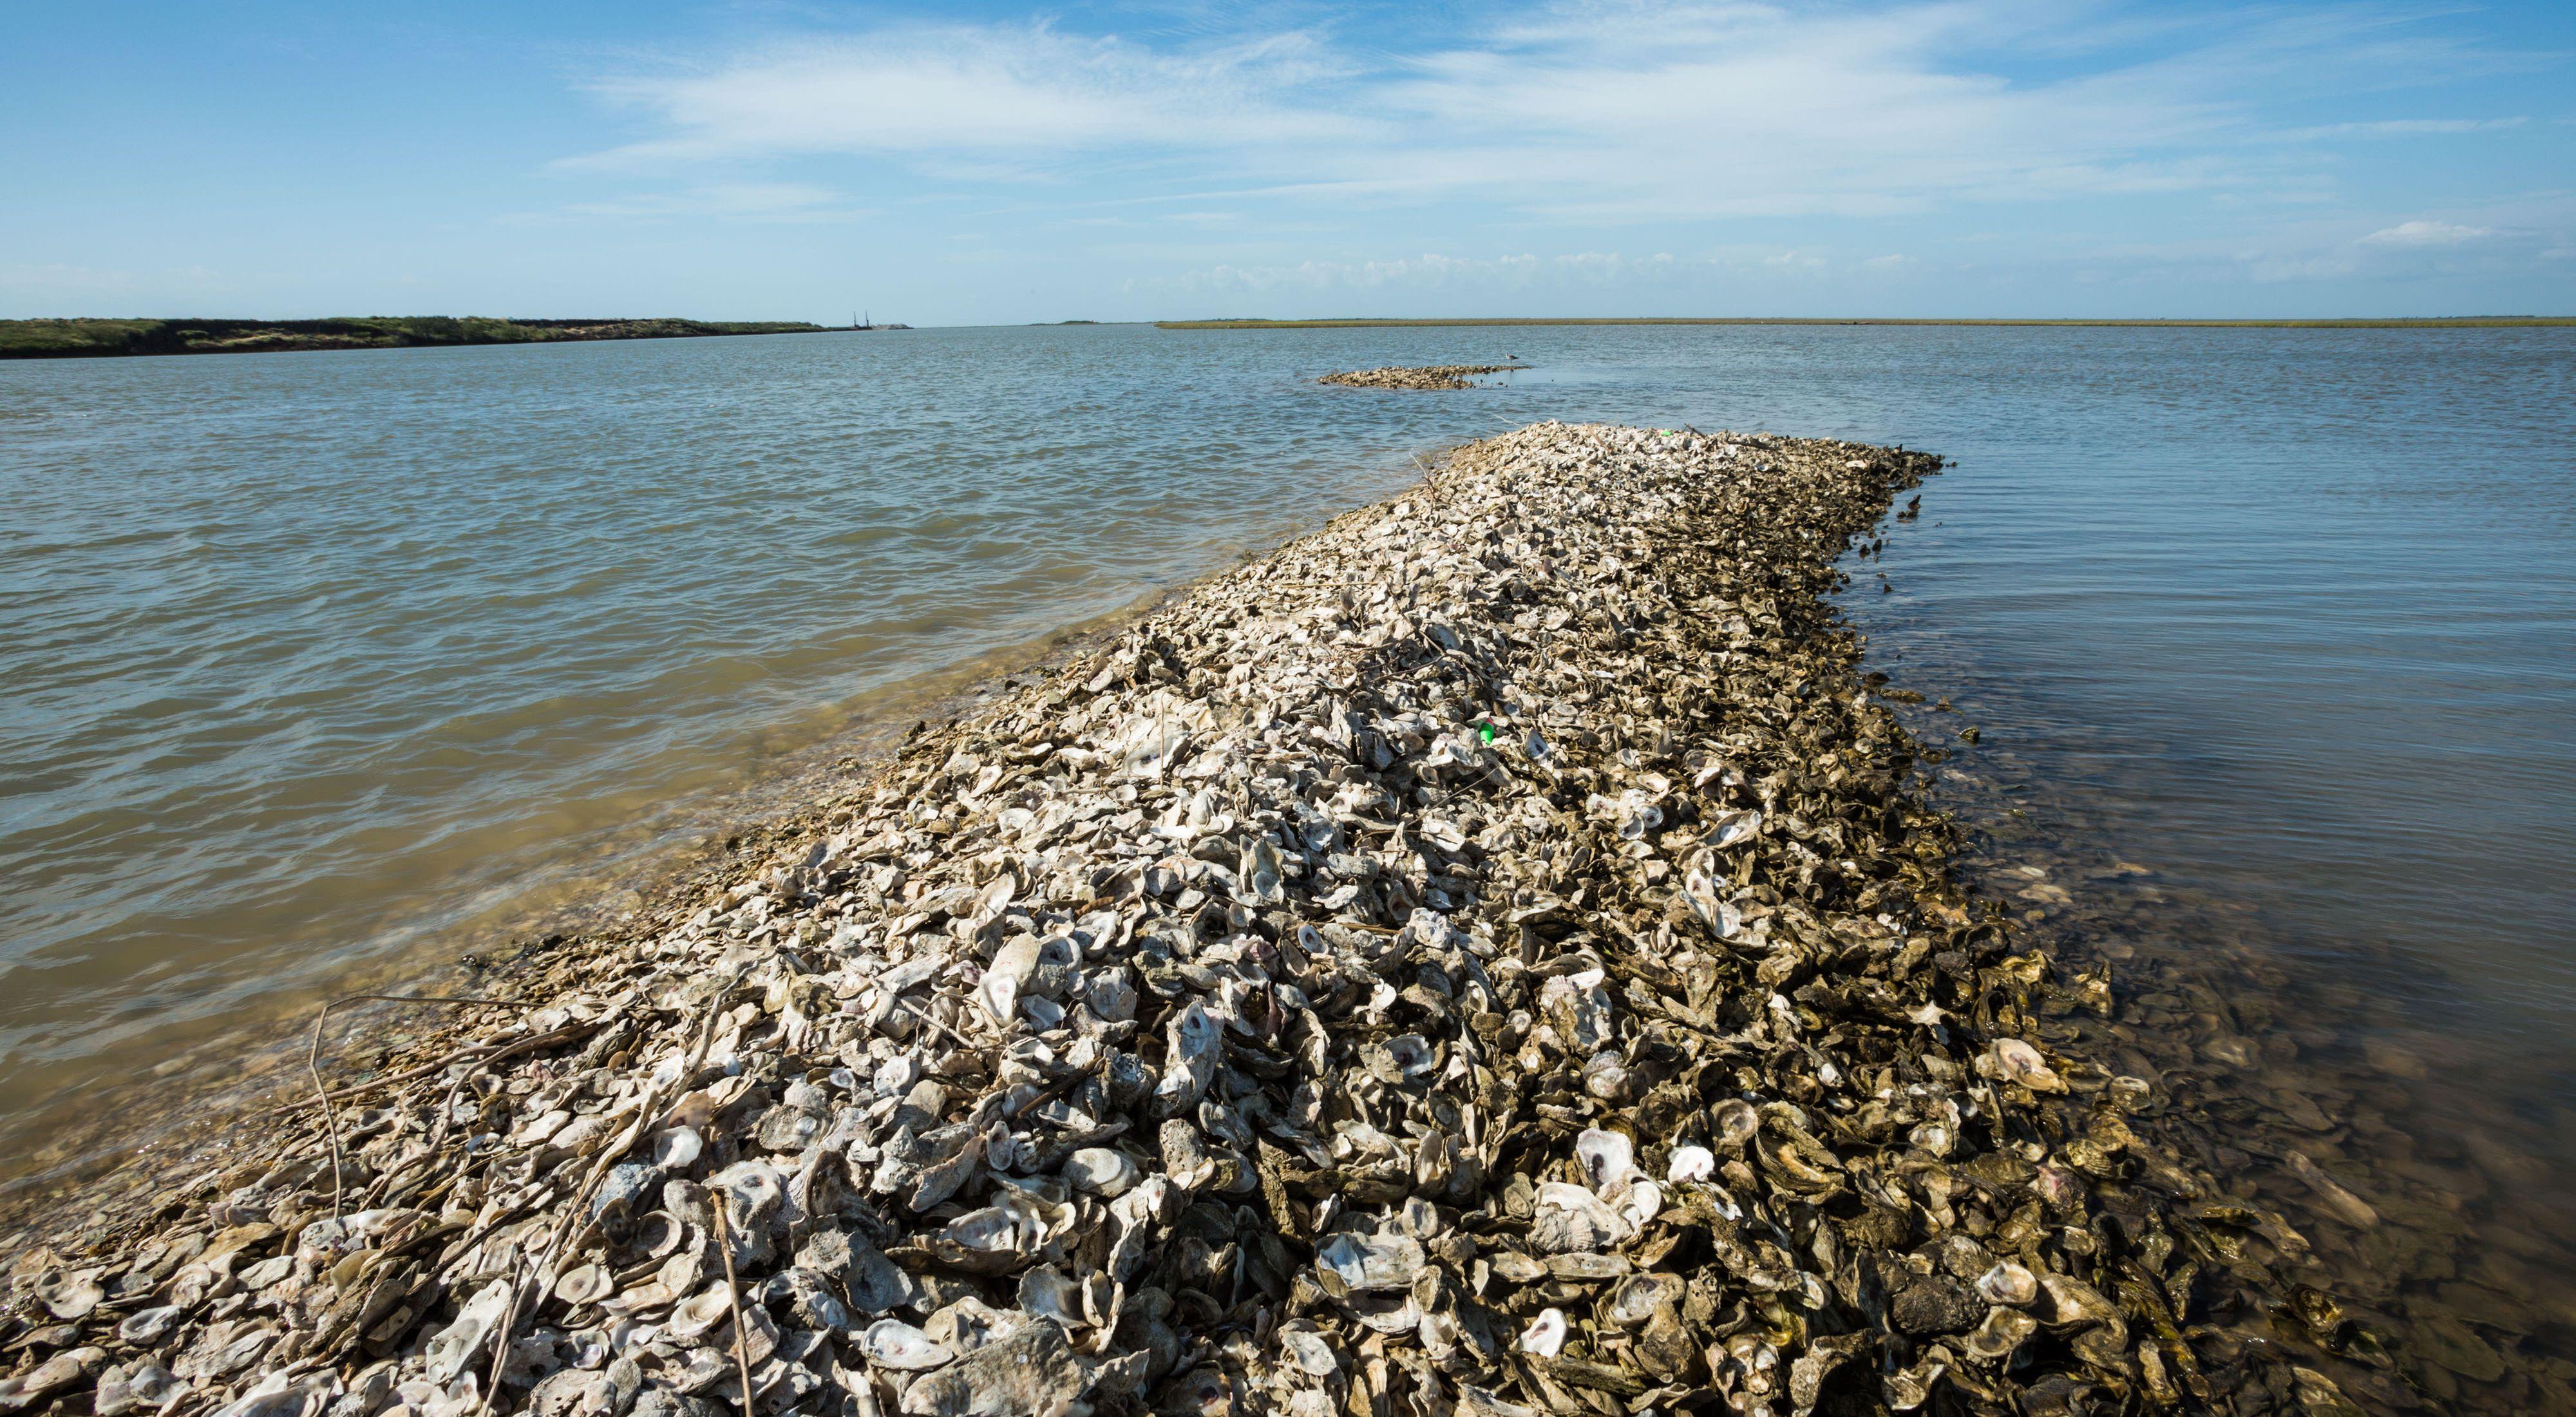 Oyster shells in Matagorda Bay, Texas.